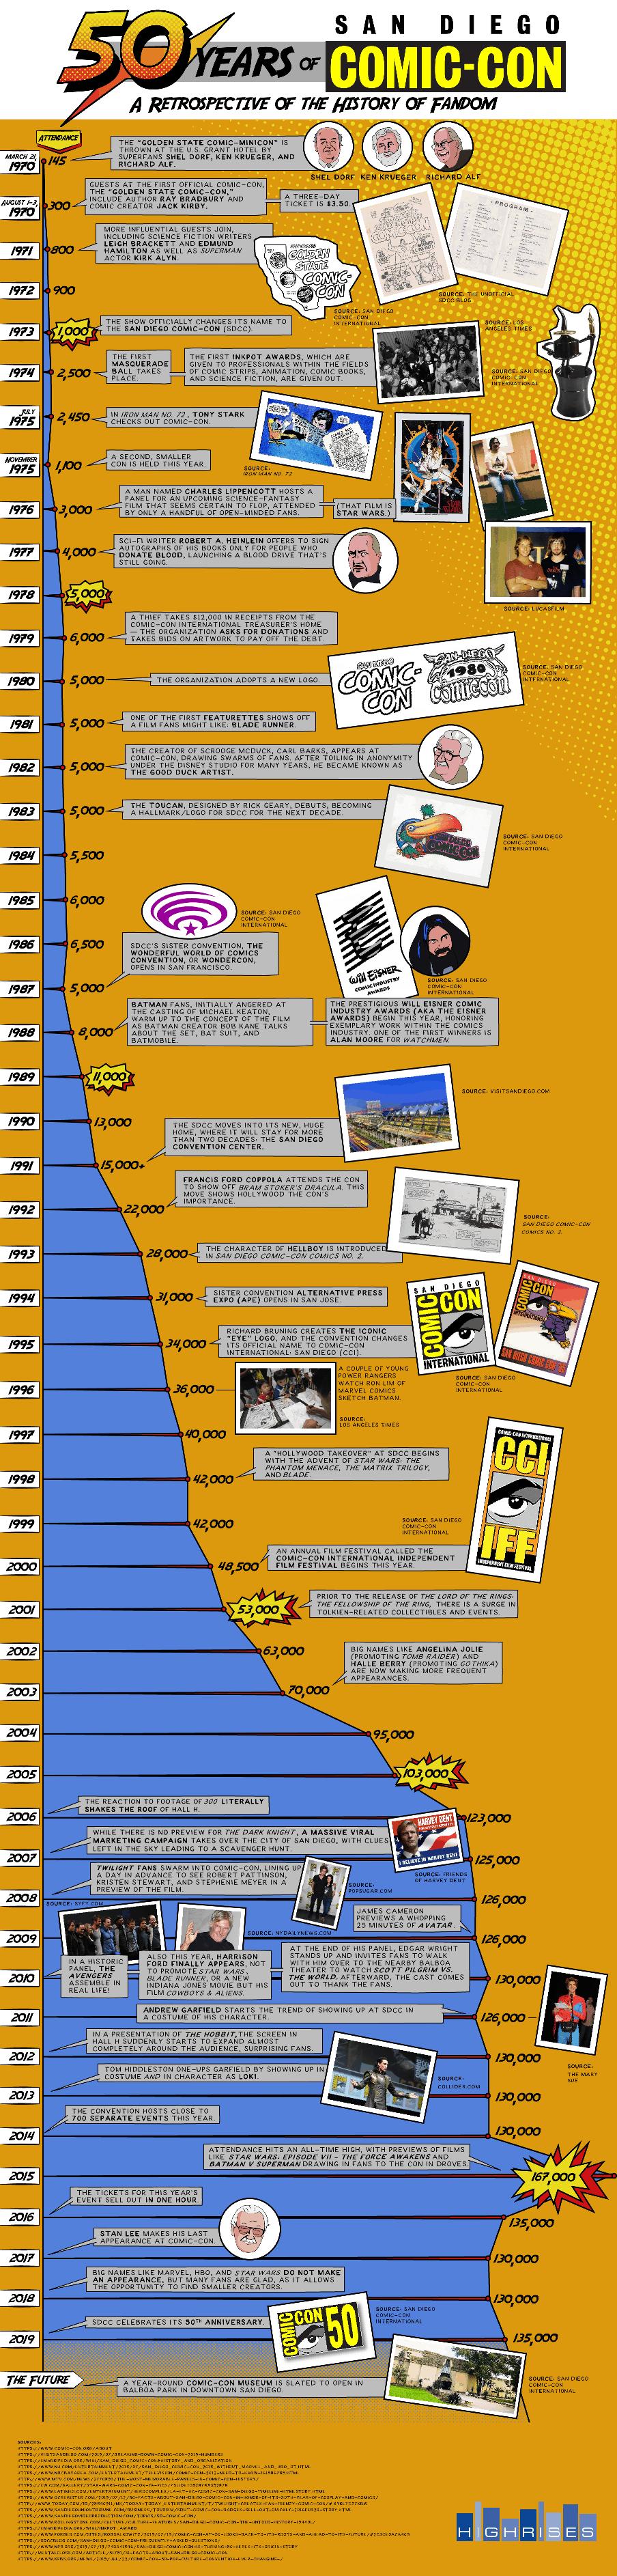 50 Years Of San Diego Comic